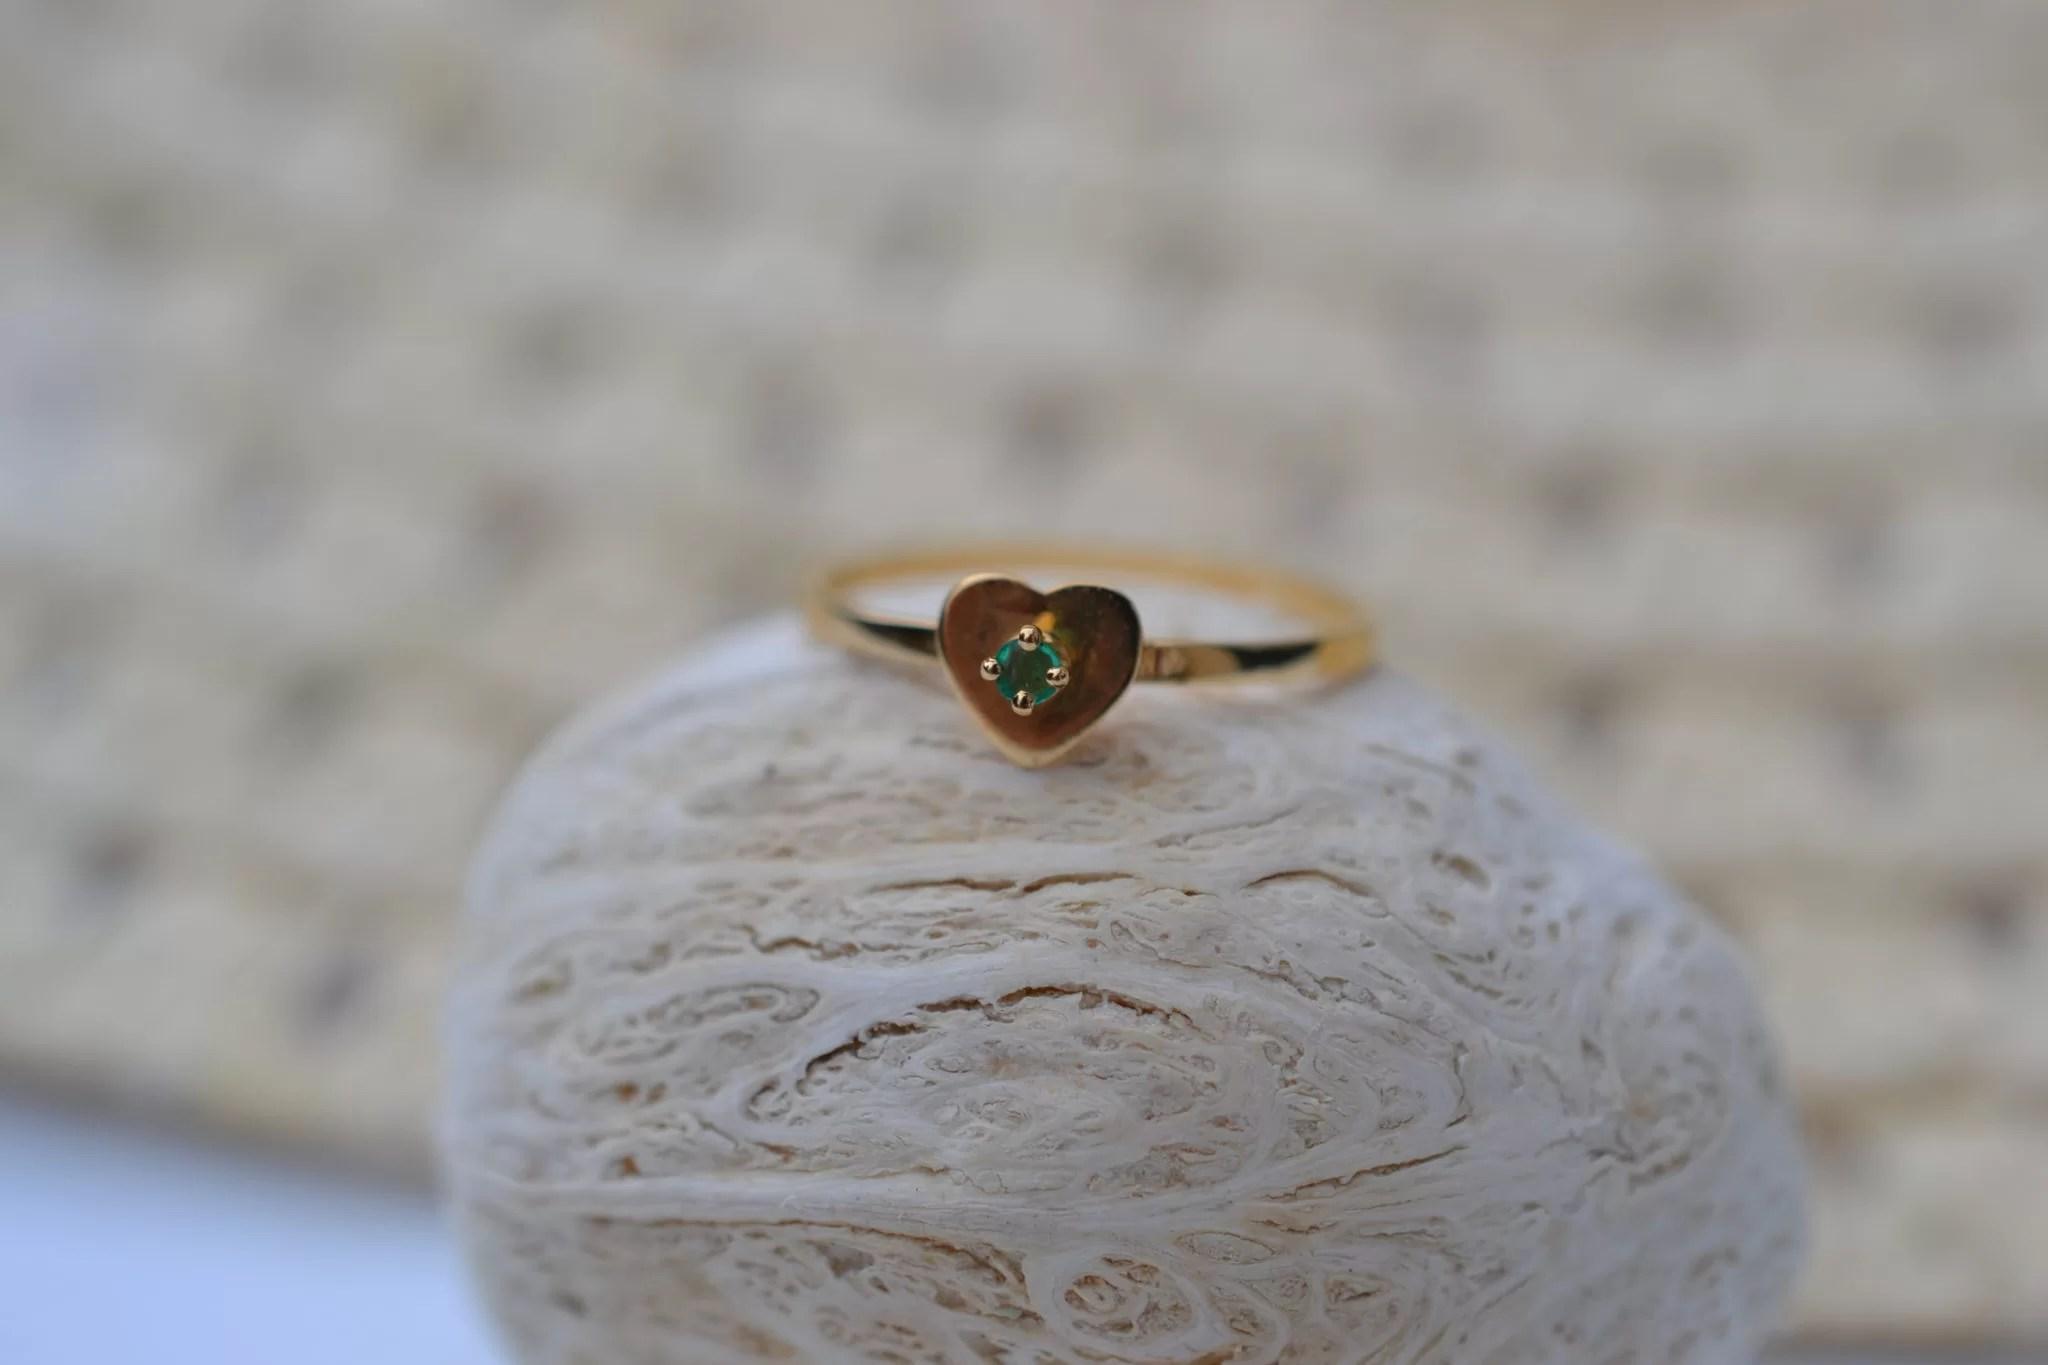 Bague en Or jaune sertie d'une pierre verte sur une monture en forme de cœur bijou ancien